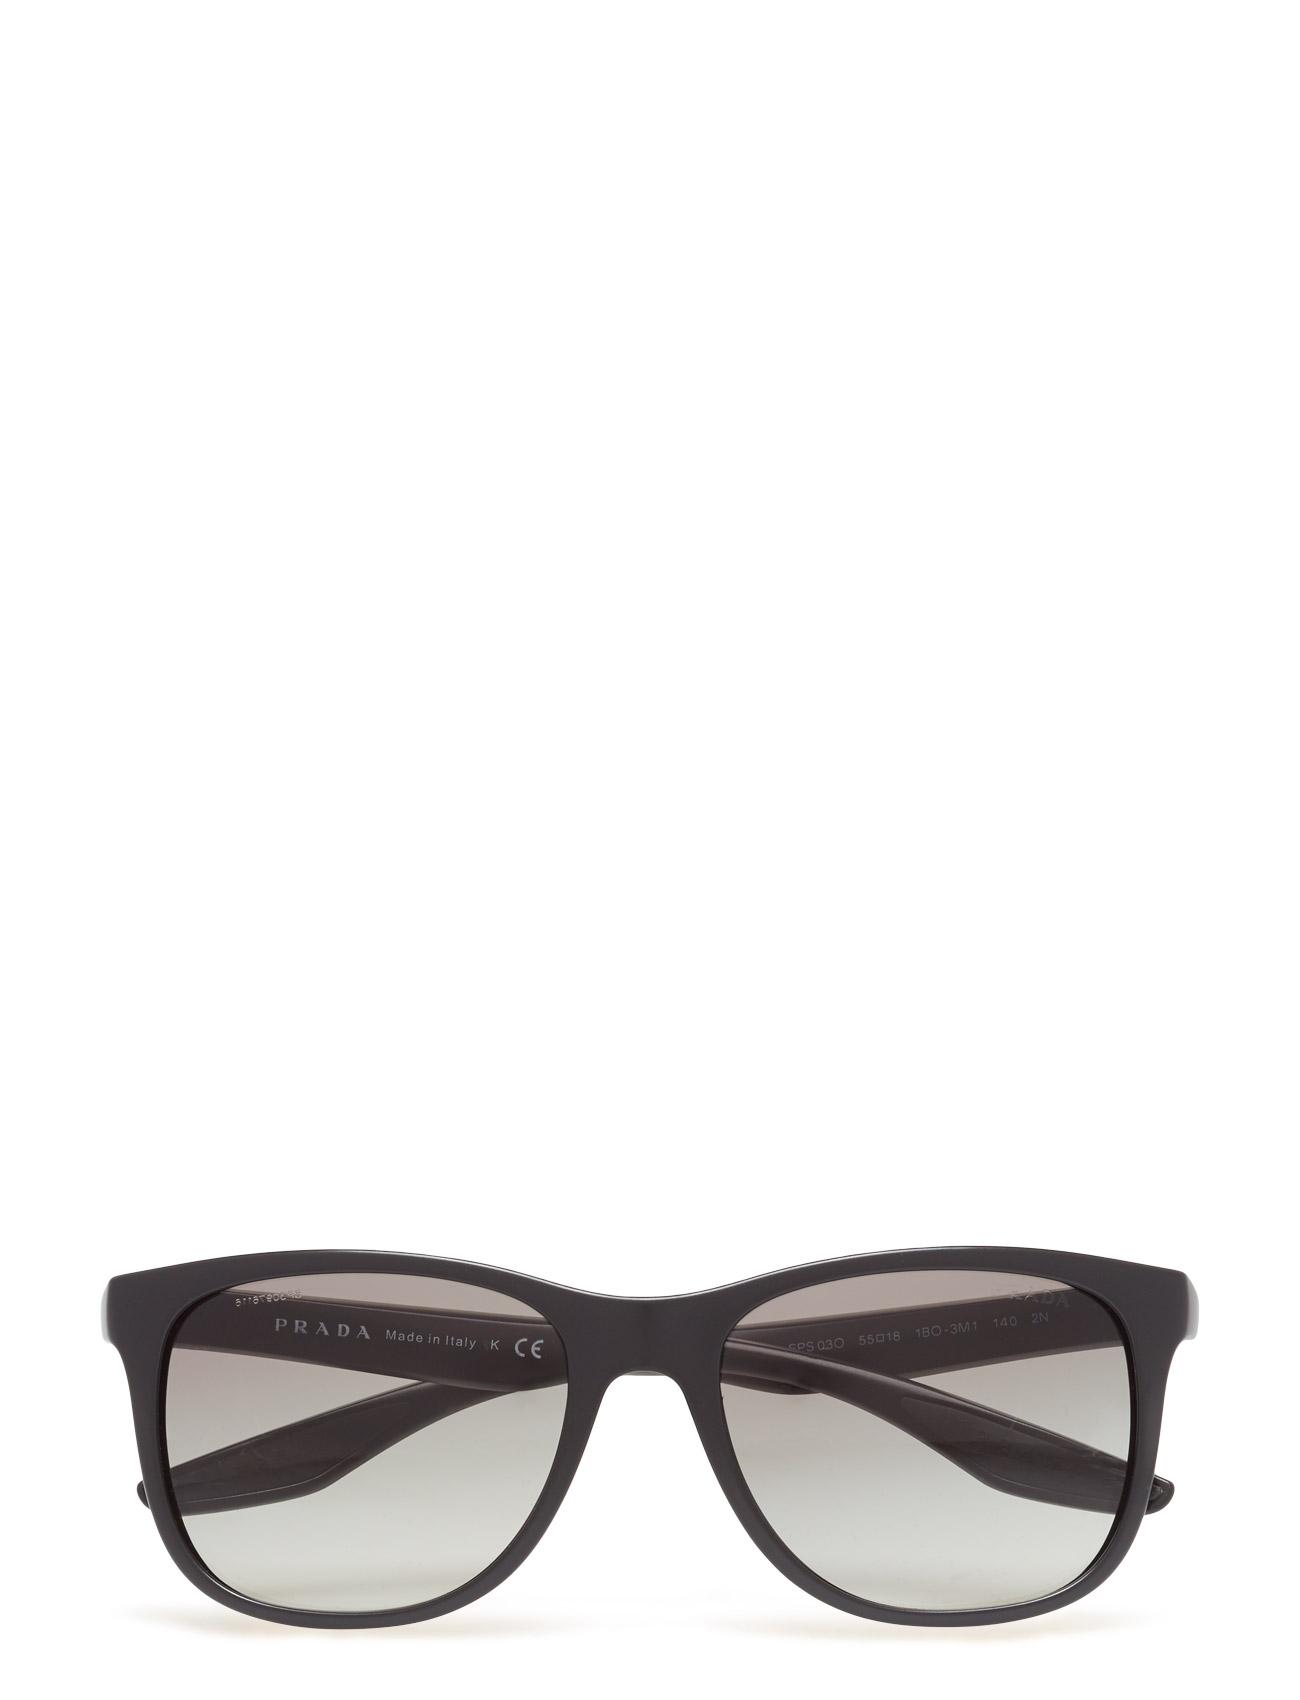 995eb982b852 Lifestyle Prada Sport Sunglasses Solbriller til Mænd i Sort